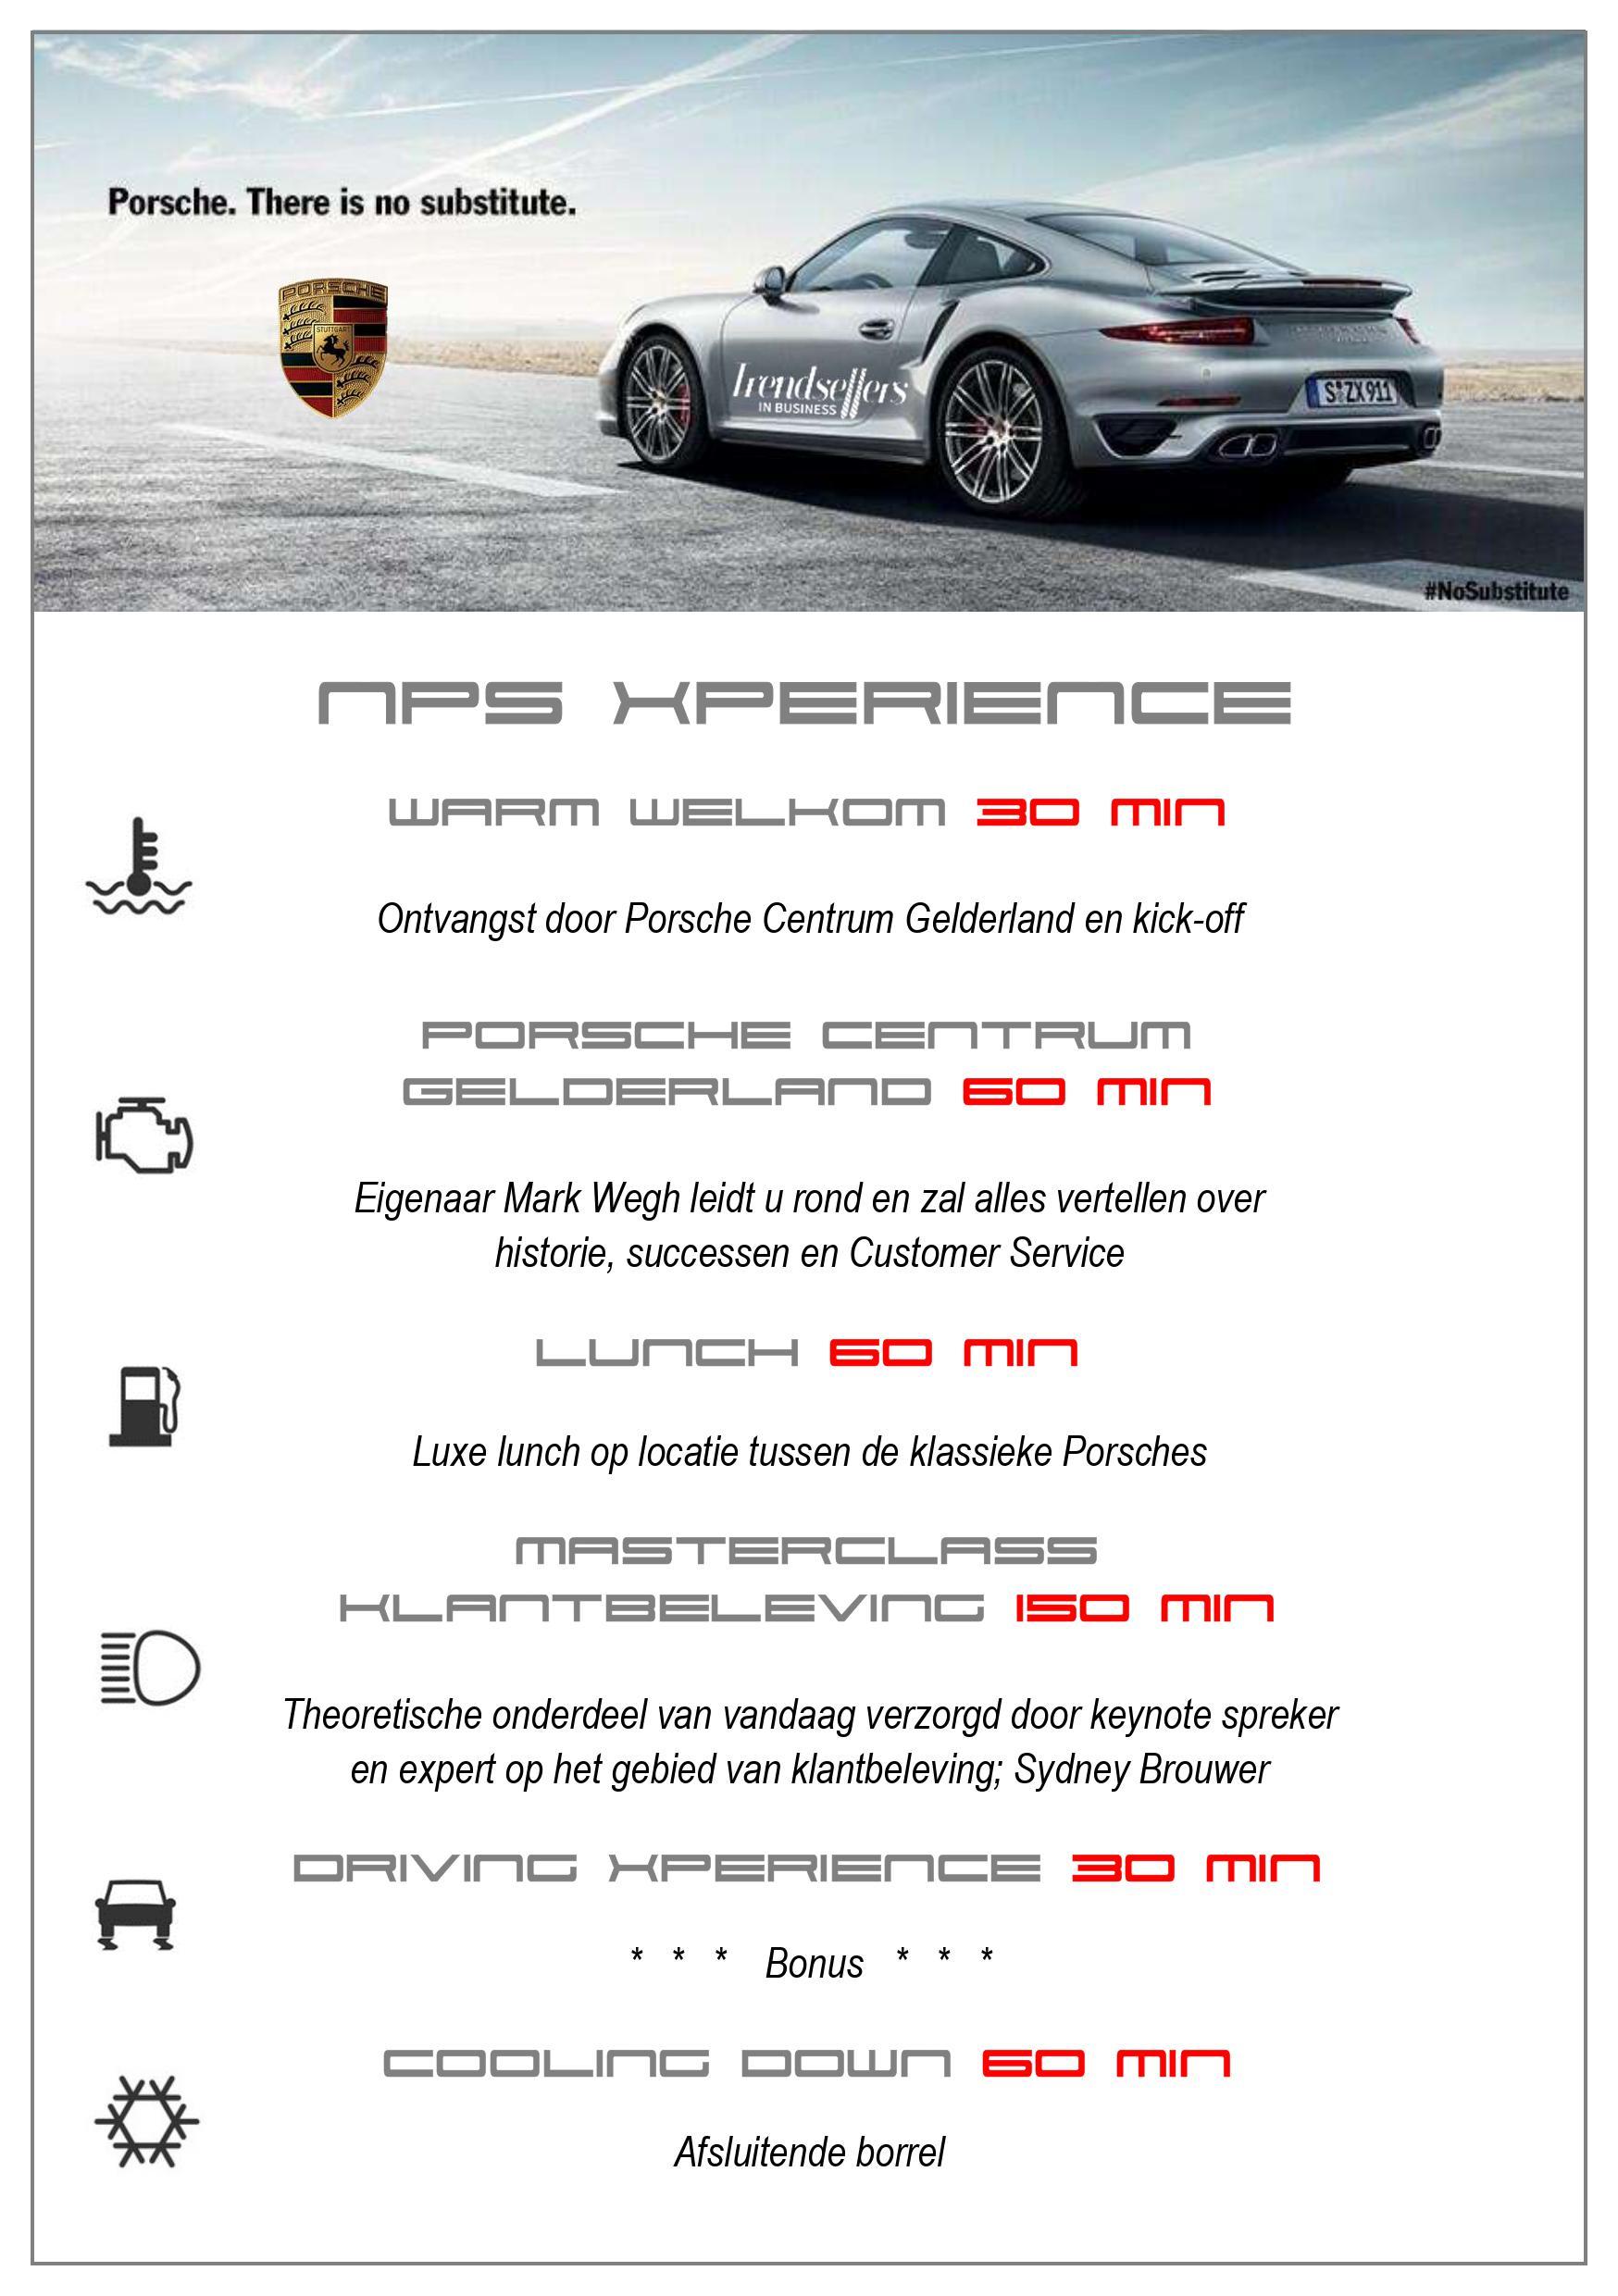 Programma klantbeleving bij Porsche